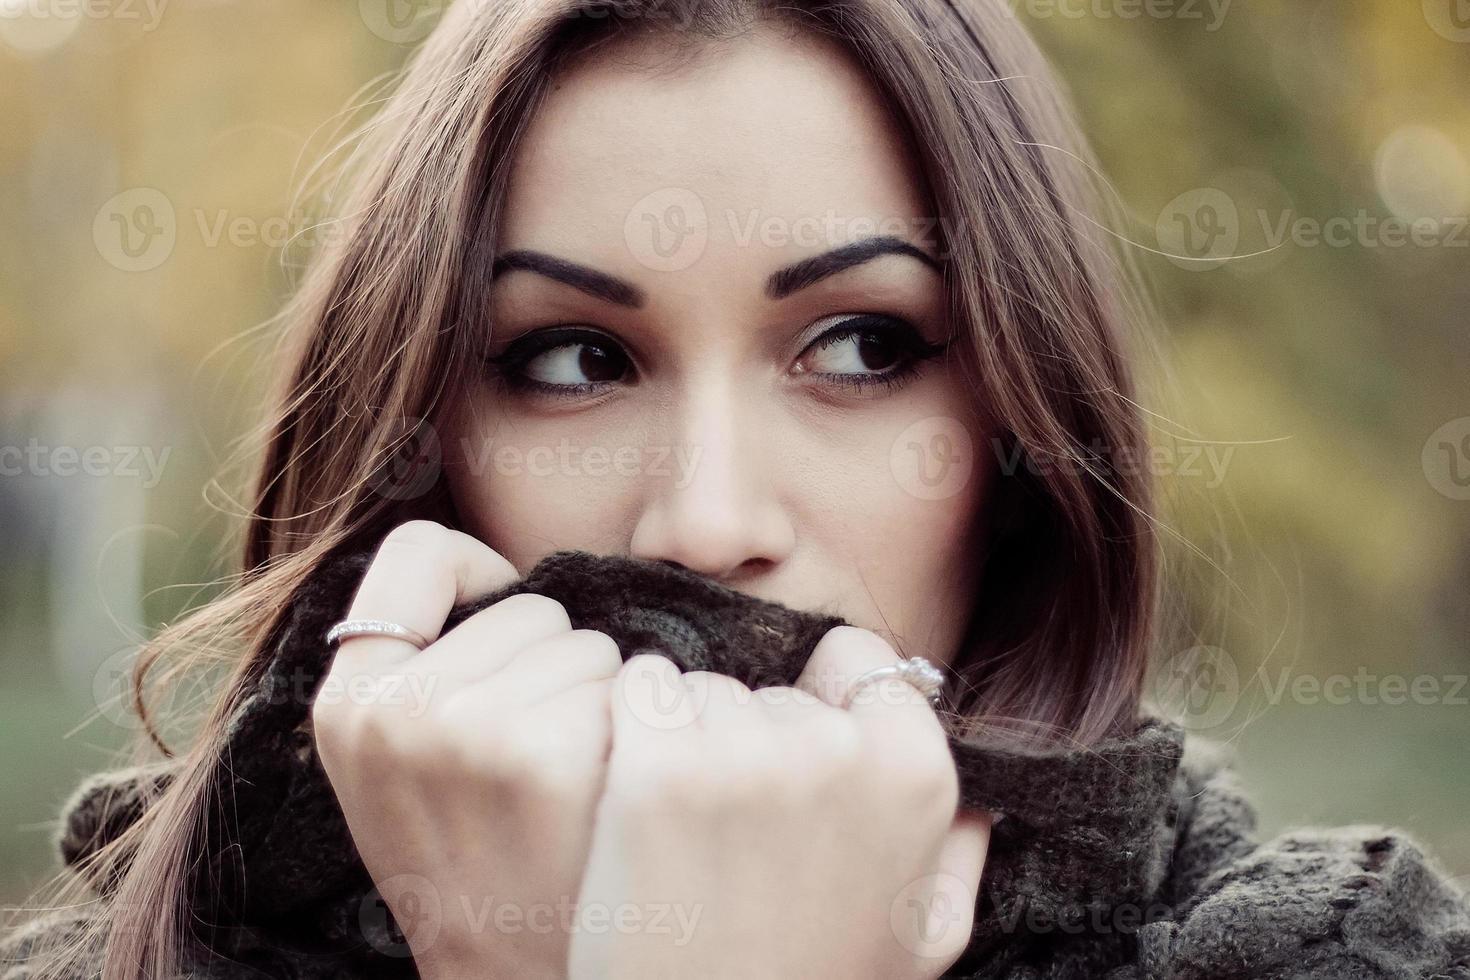 mujer triste de cabello oscuro envuelta en una bufanda foto